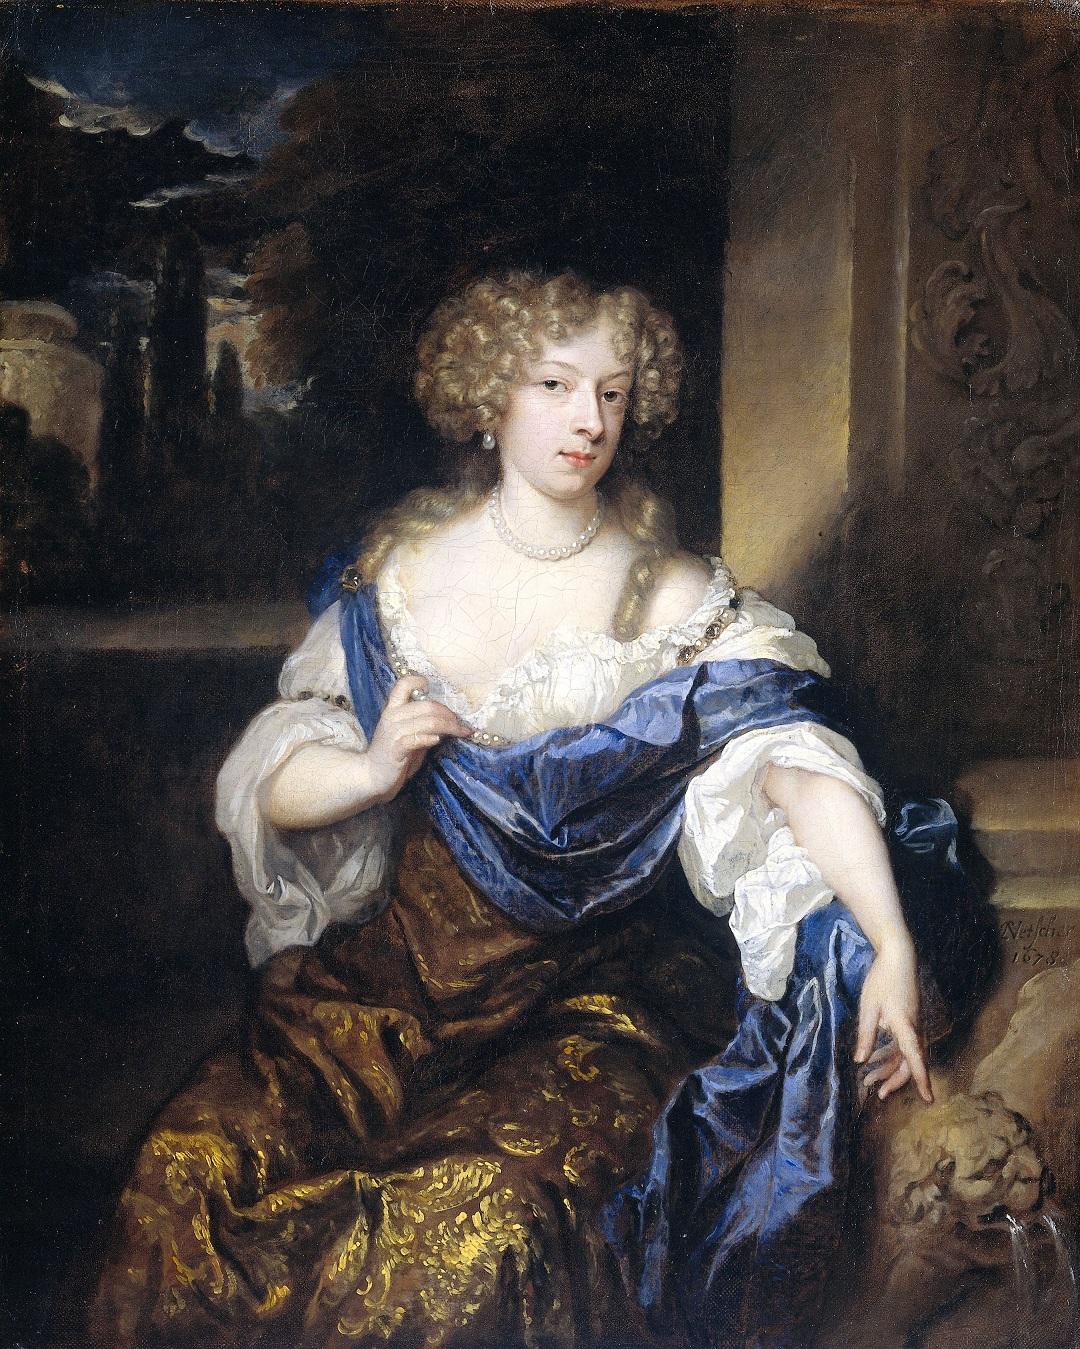 Обои холст, картина, Натюрморт с Кубком Флейтой Глиняным Кувшином, Ян Янс ван де Вельде III, и Курительными Трубками. Разное foto 6